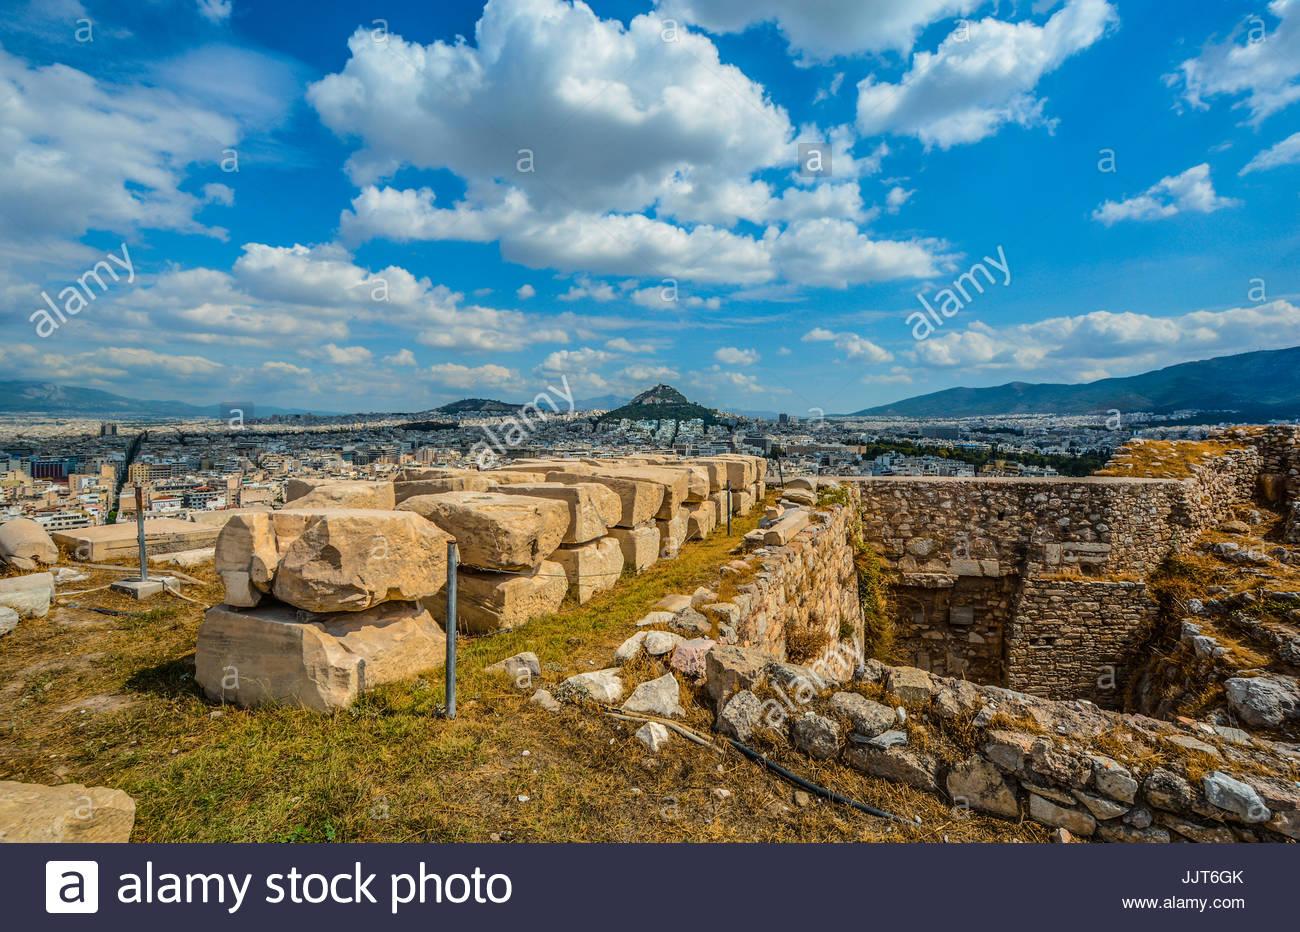 Vista della collina di Likavitos dalla collina dell'Acropoli di Atene in Grecia in una calda giornata estiva Immagini Stock